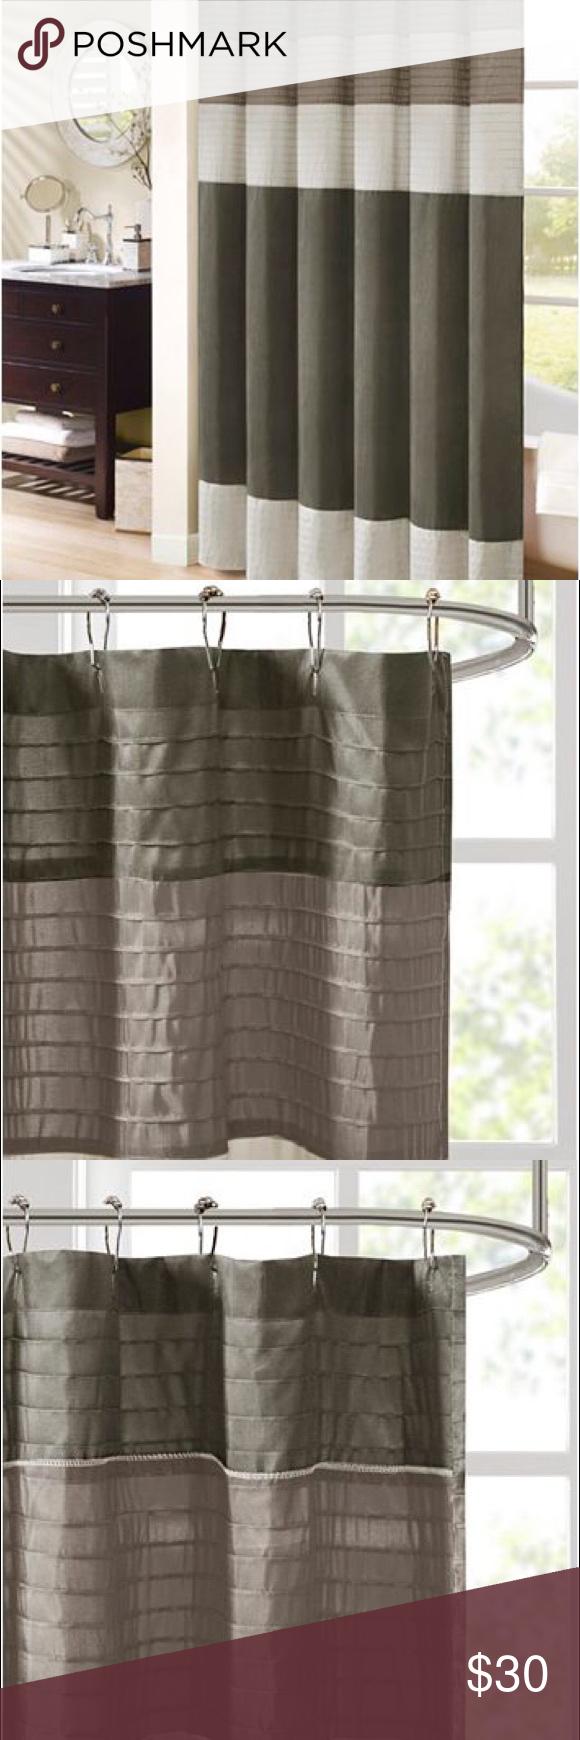 Rideau de douche en soie synthétique Madison Park Amherst Donnez à votre salle de bain un nouveau look moderne …